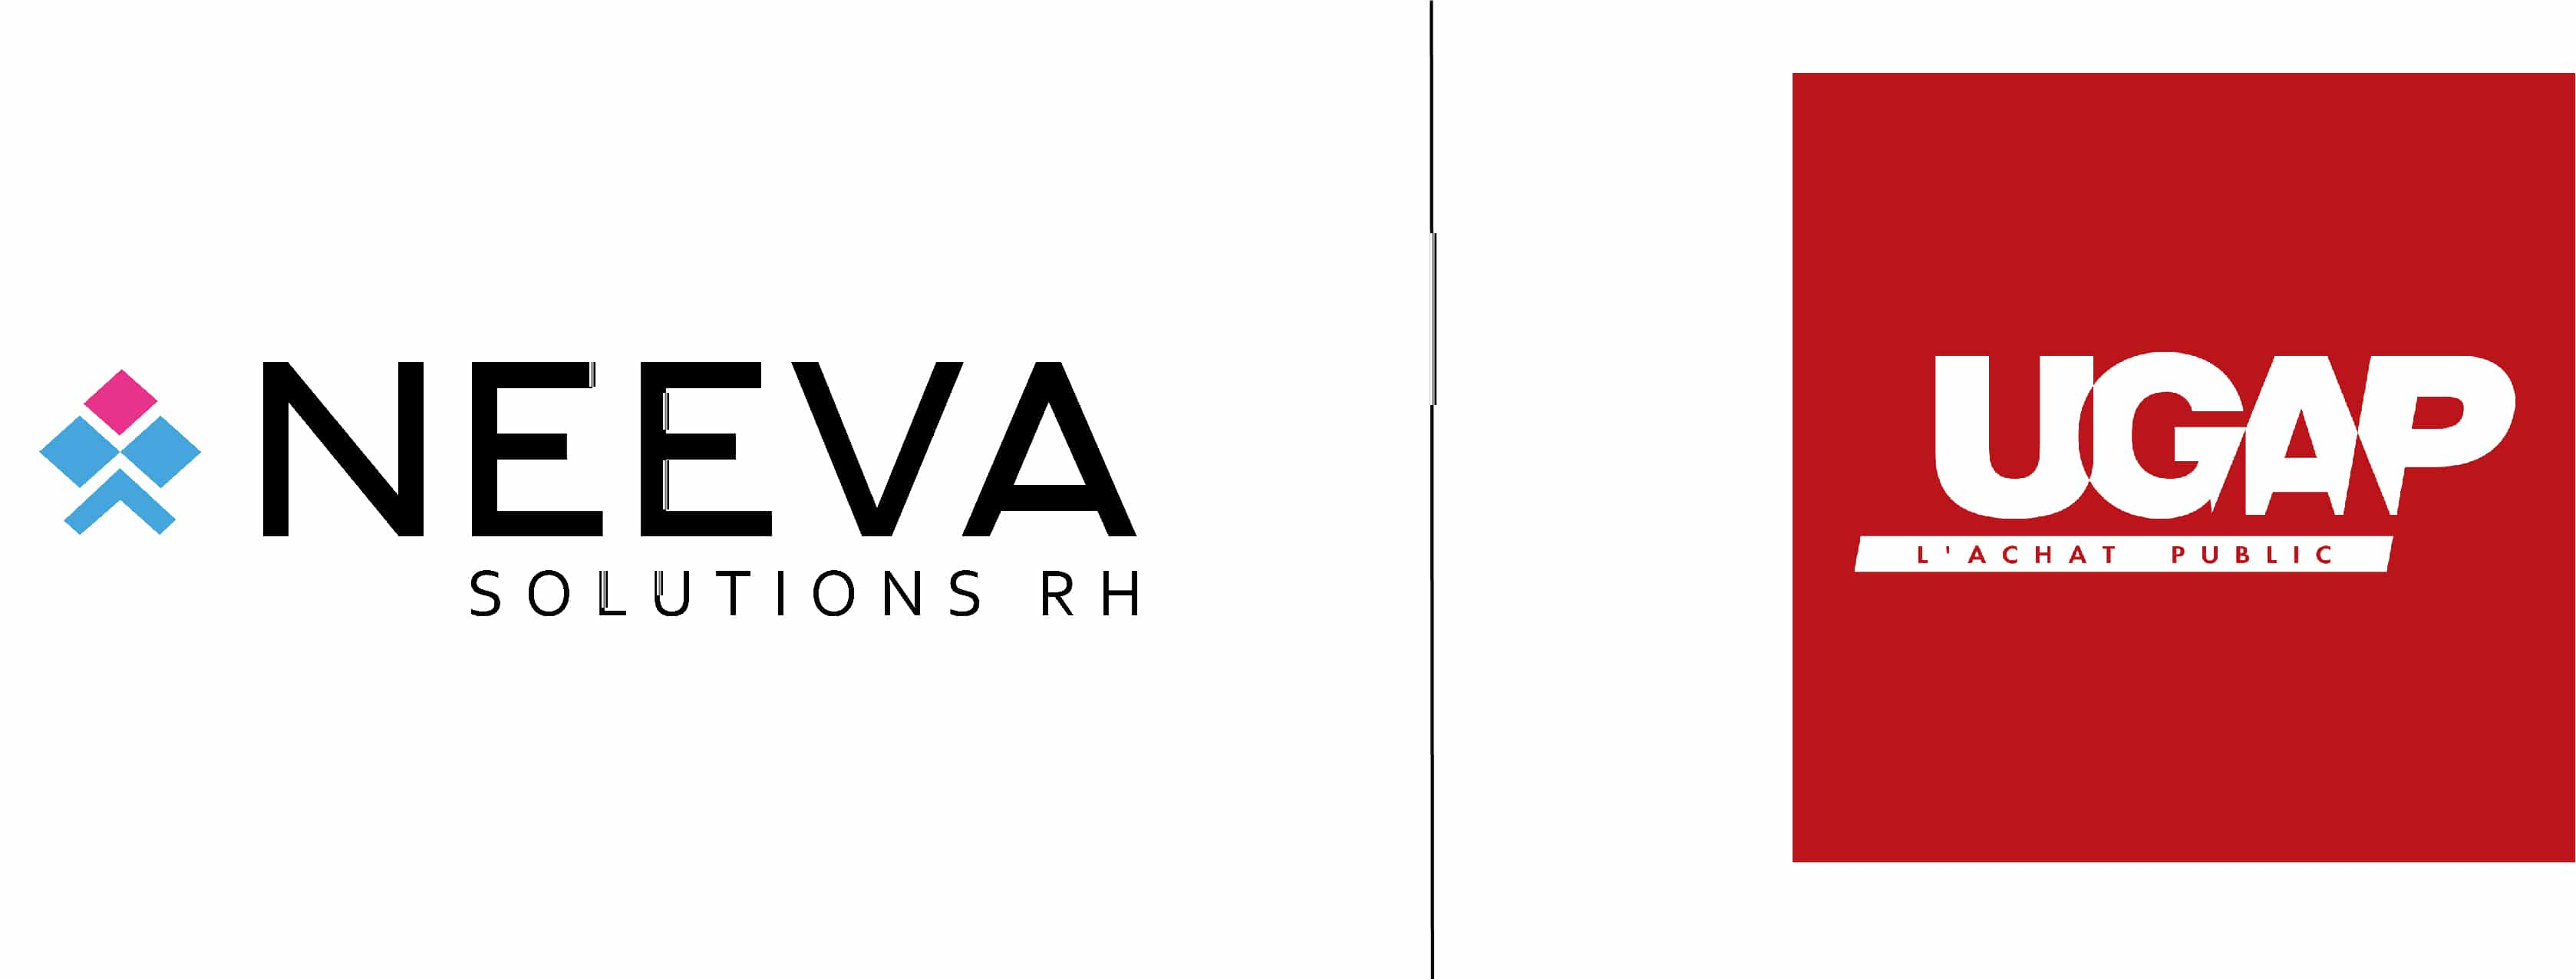 image contenant les logos de l'UGAP et de l'éditeur de logiciels NEEVA